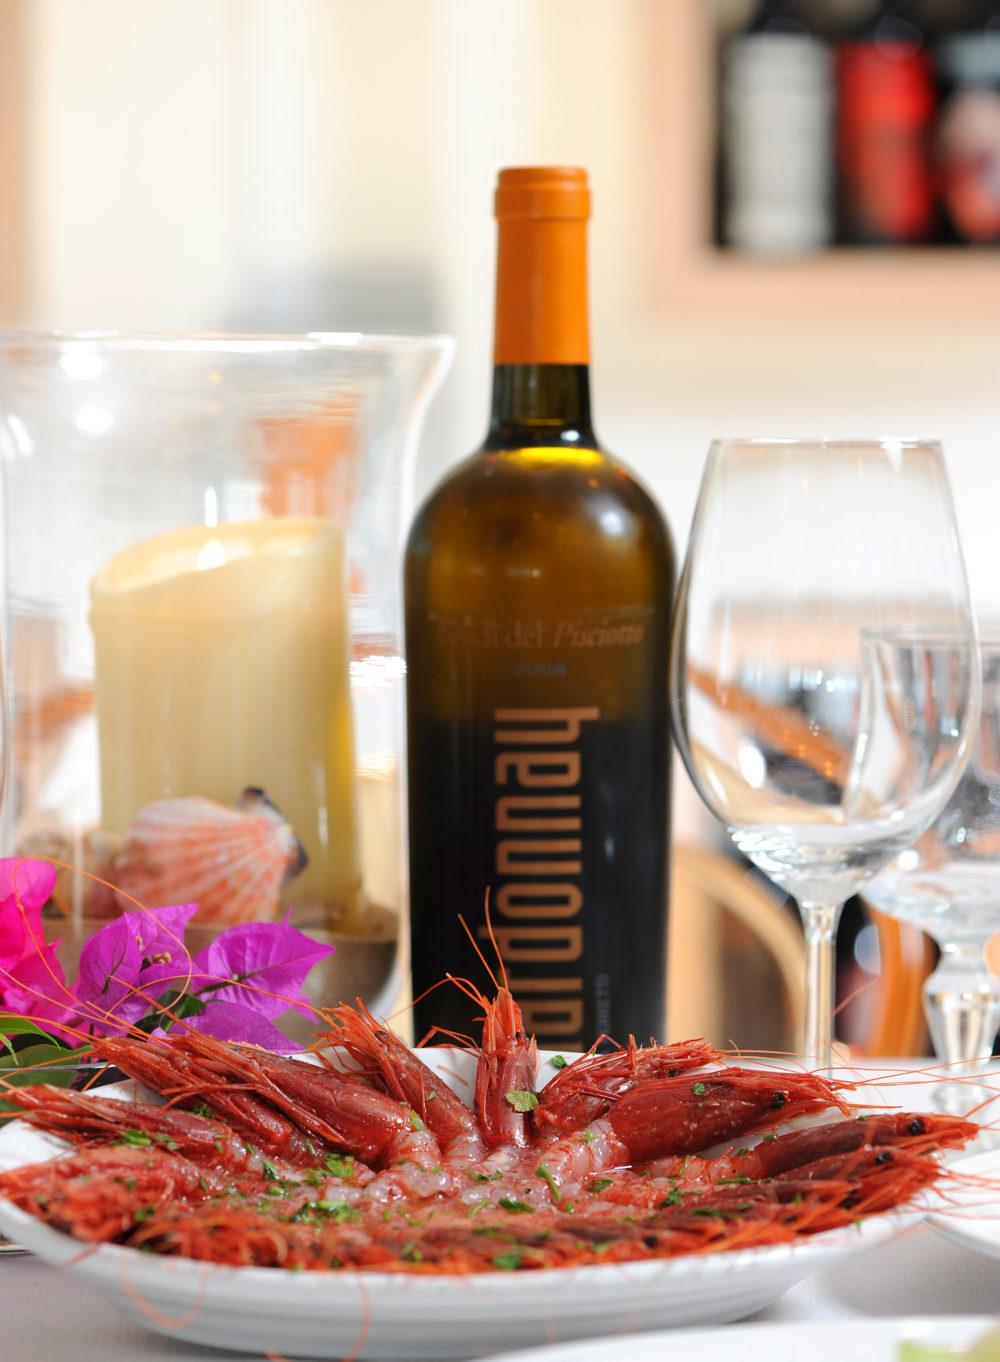 ristorante_da_vittorio_menfi_sicily_10